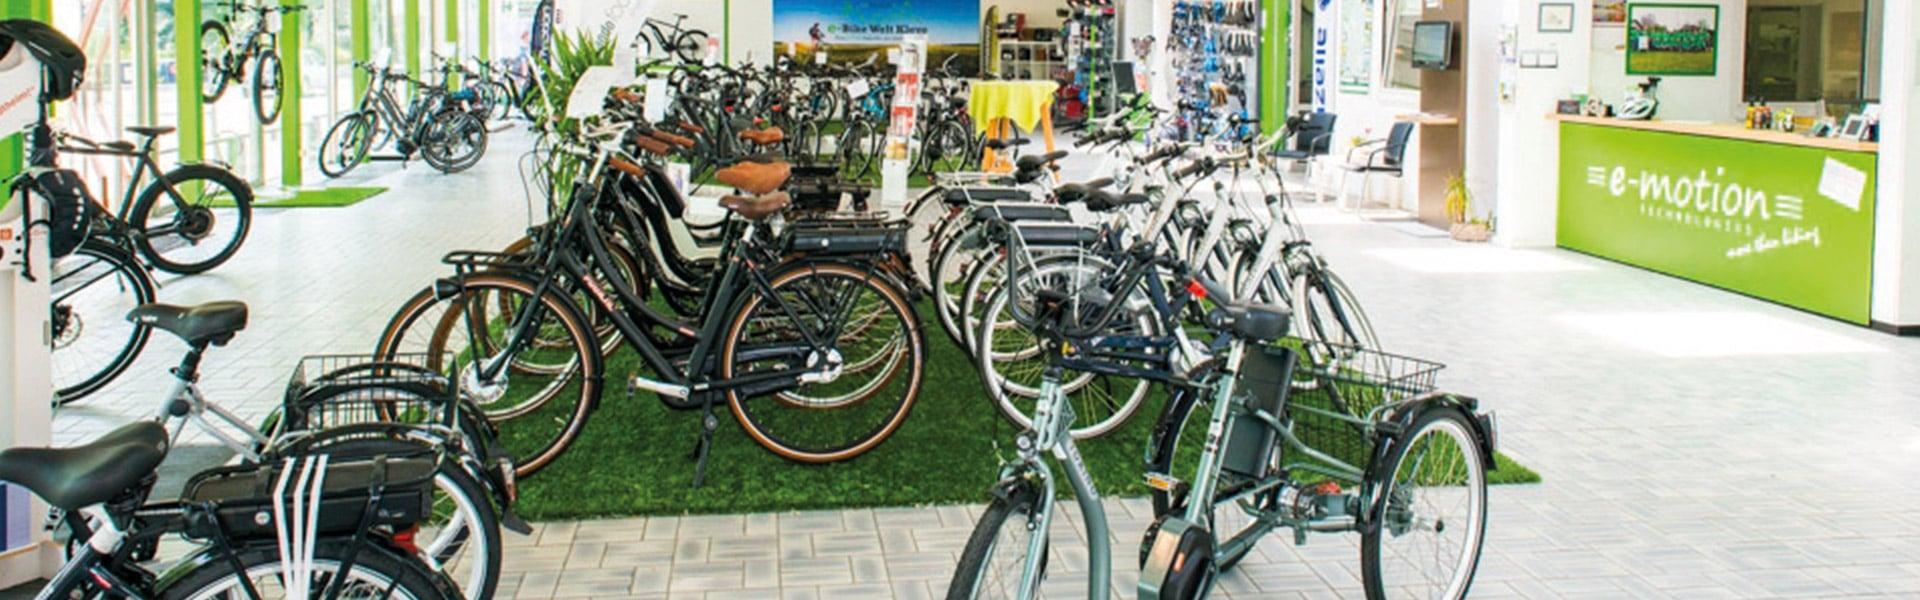 Der Shop der e-motion e-Bike Welt Kleve